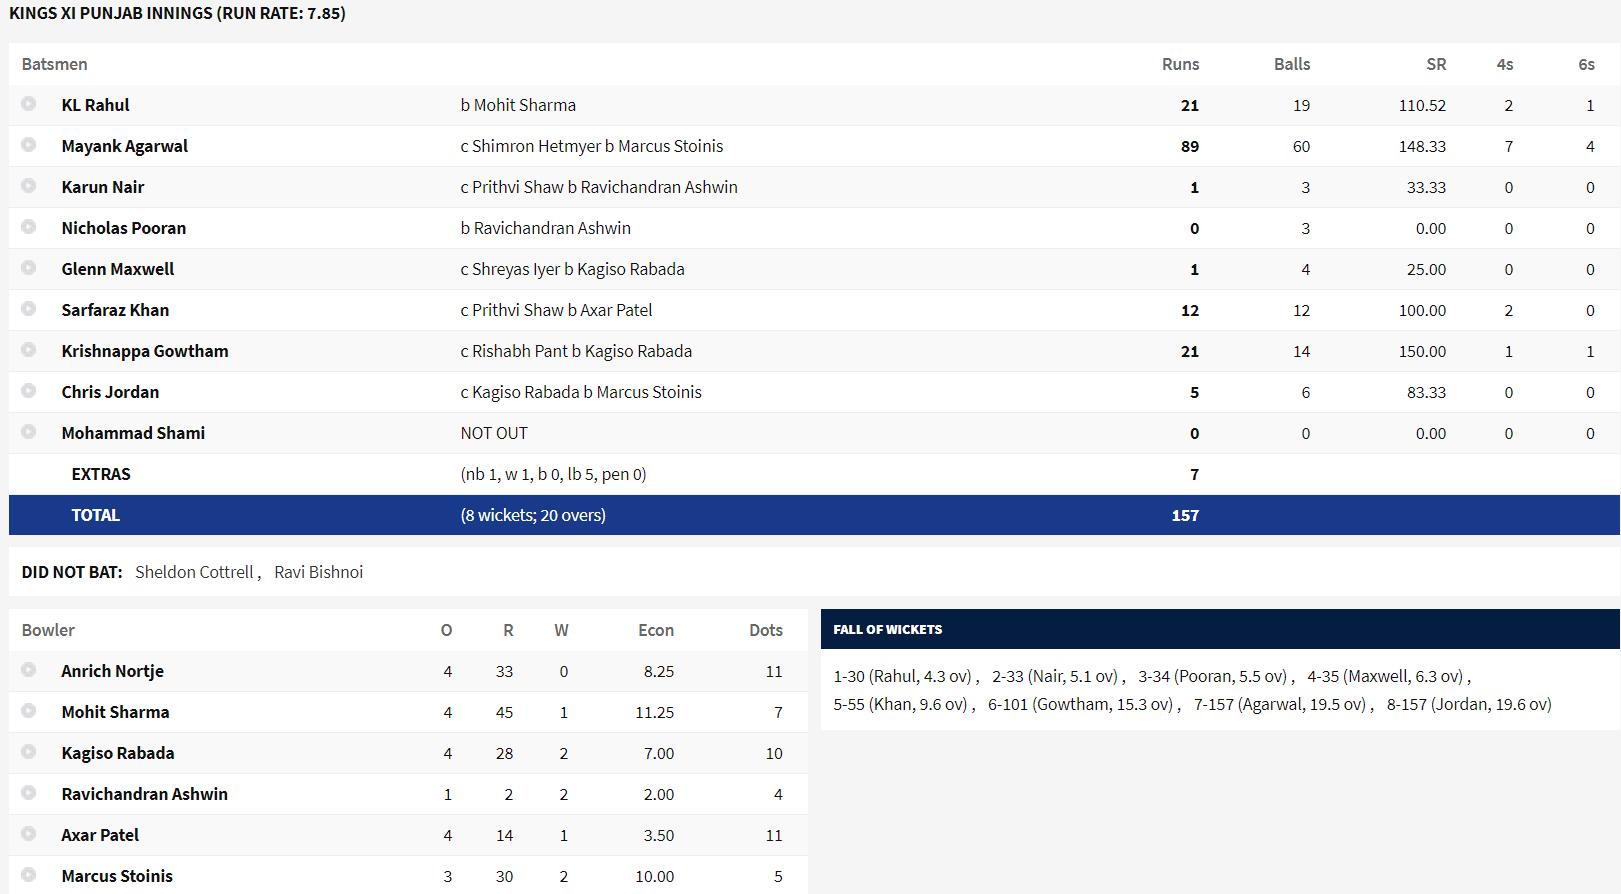 kings xi punjab yesterday ipl match result